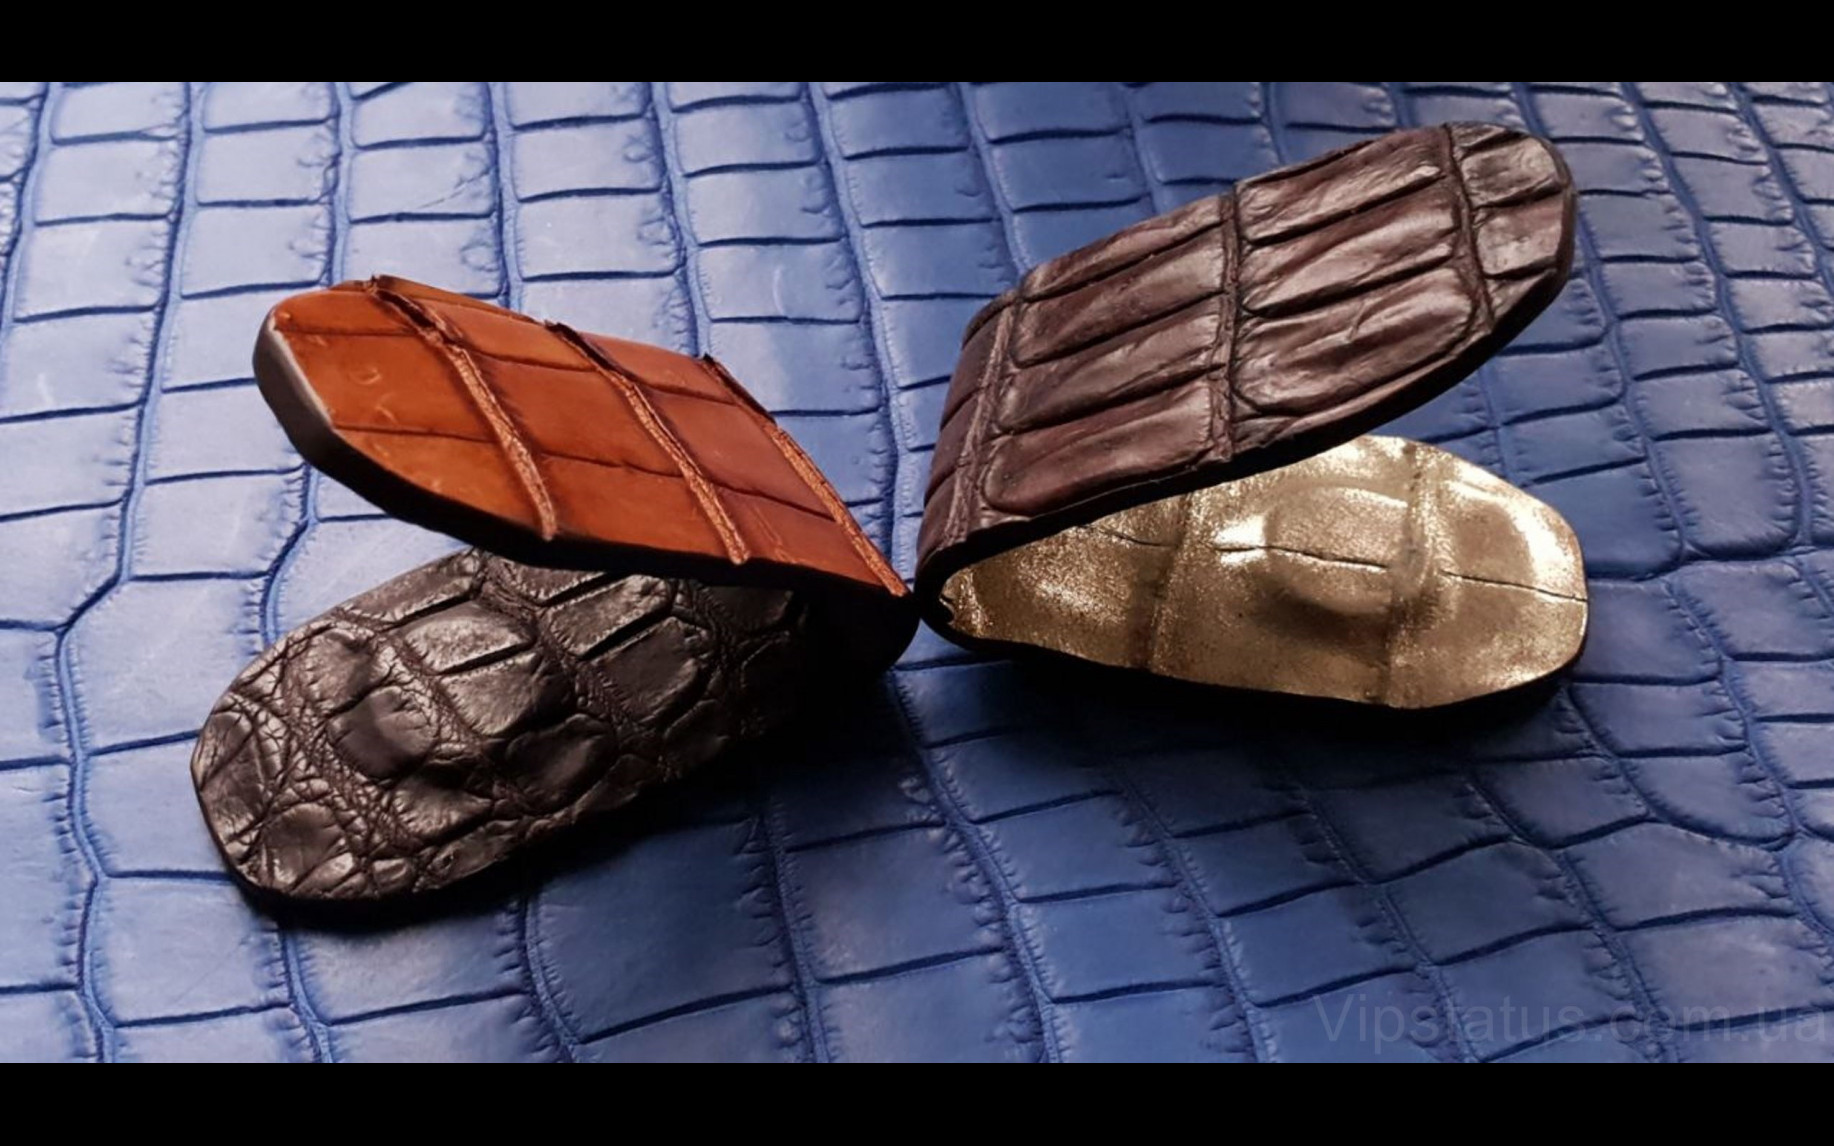 Элитный Vintage Crocodile Элитный зажим для купюр Vintage Crocodile Элитный зажим для купюр изображение 1